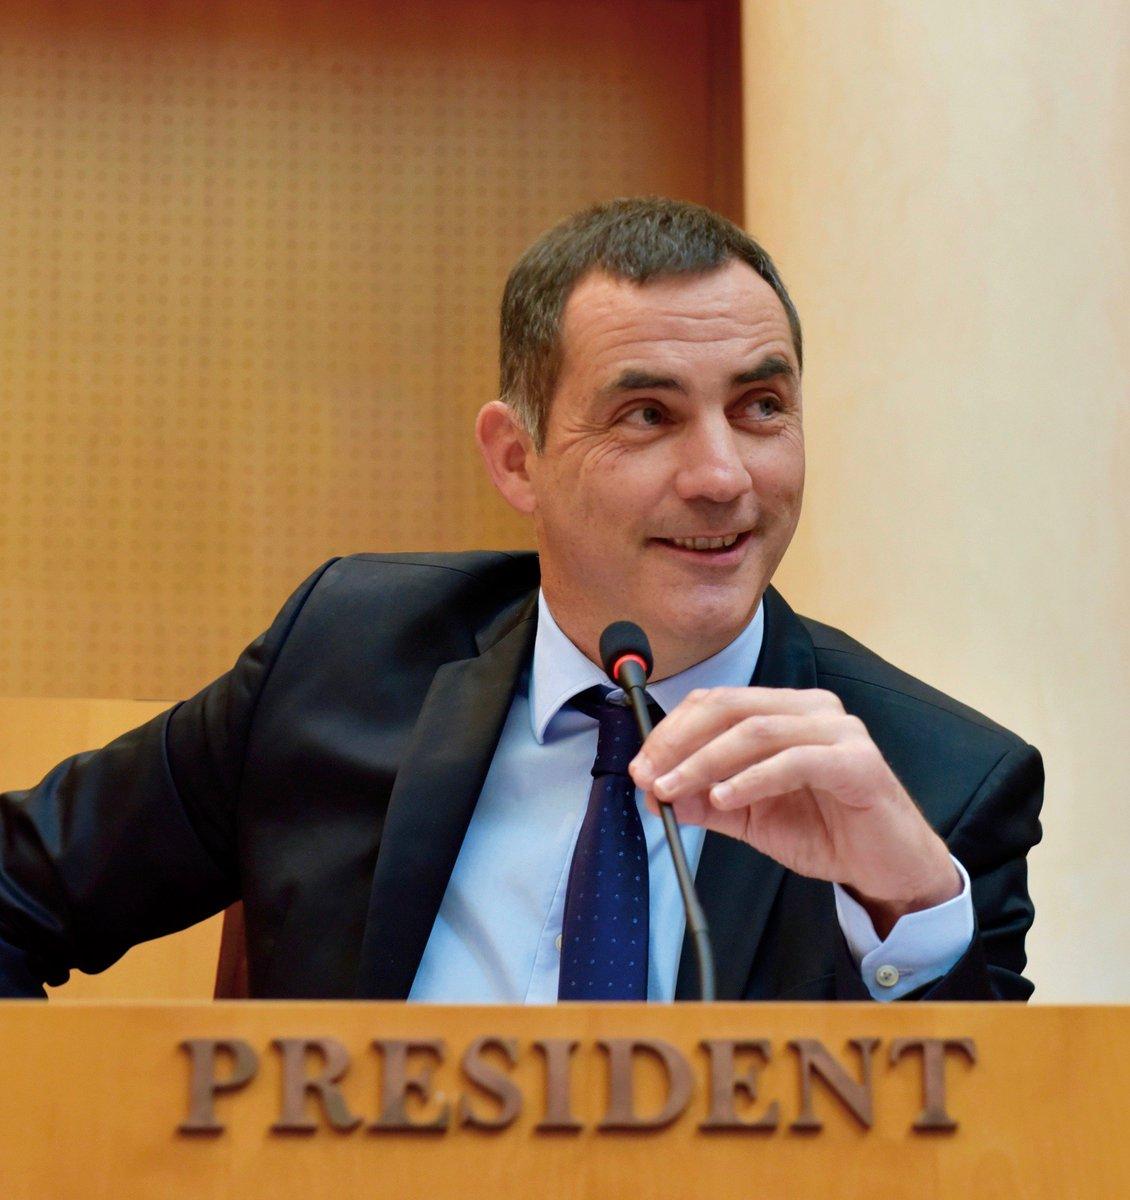 Gilles Simeoni, président du Conseil exécutif de Corse. Photo d'archive Michel Luccioni.